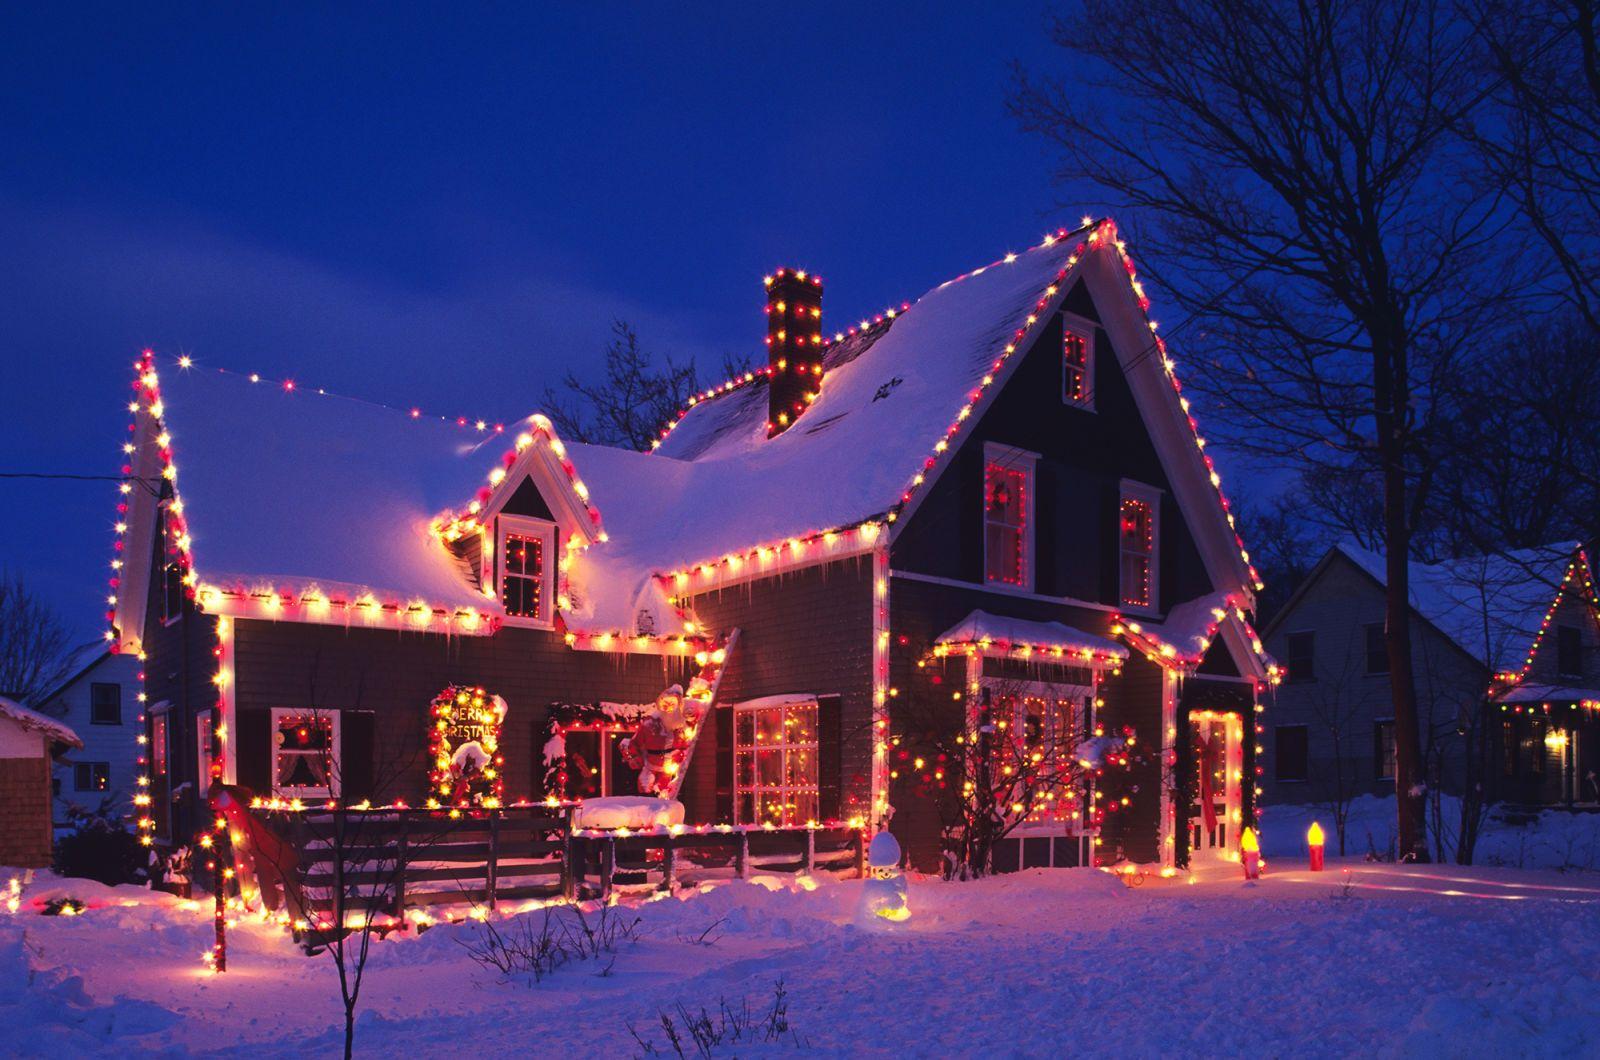 Vista di notte della casa con illuminazione nella parte anteriore